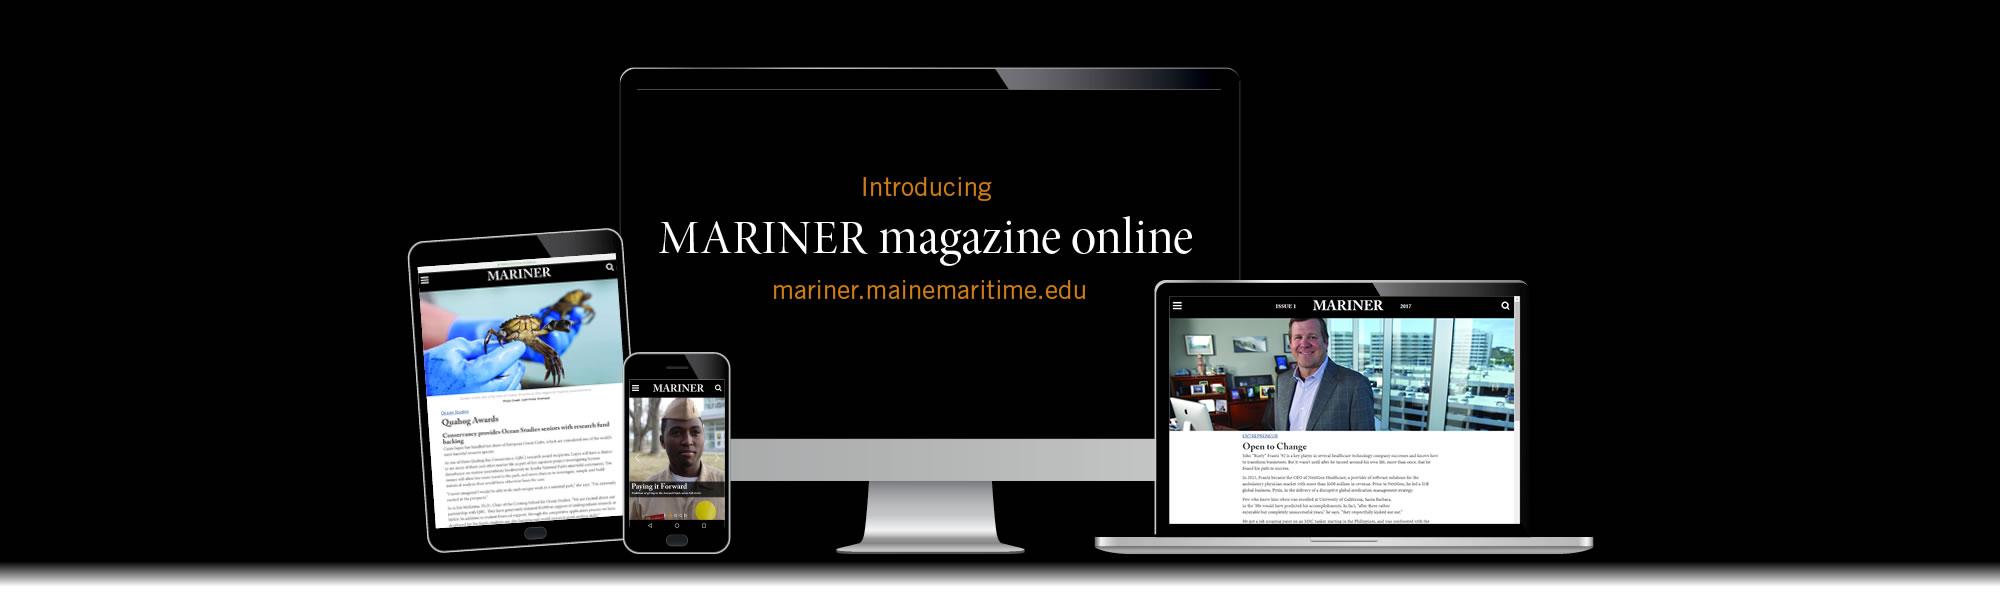 Mariner Magazine Online